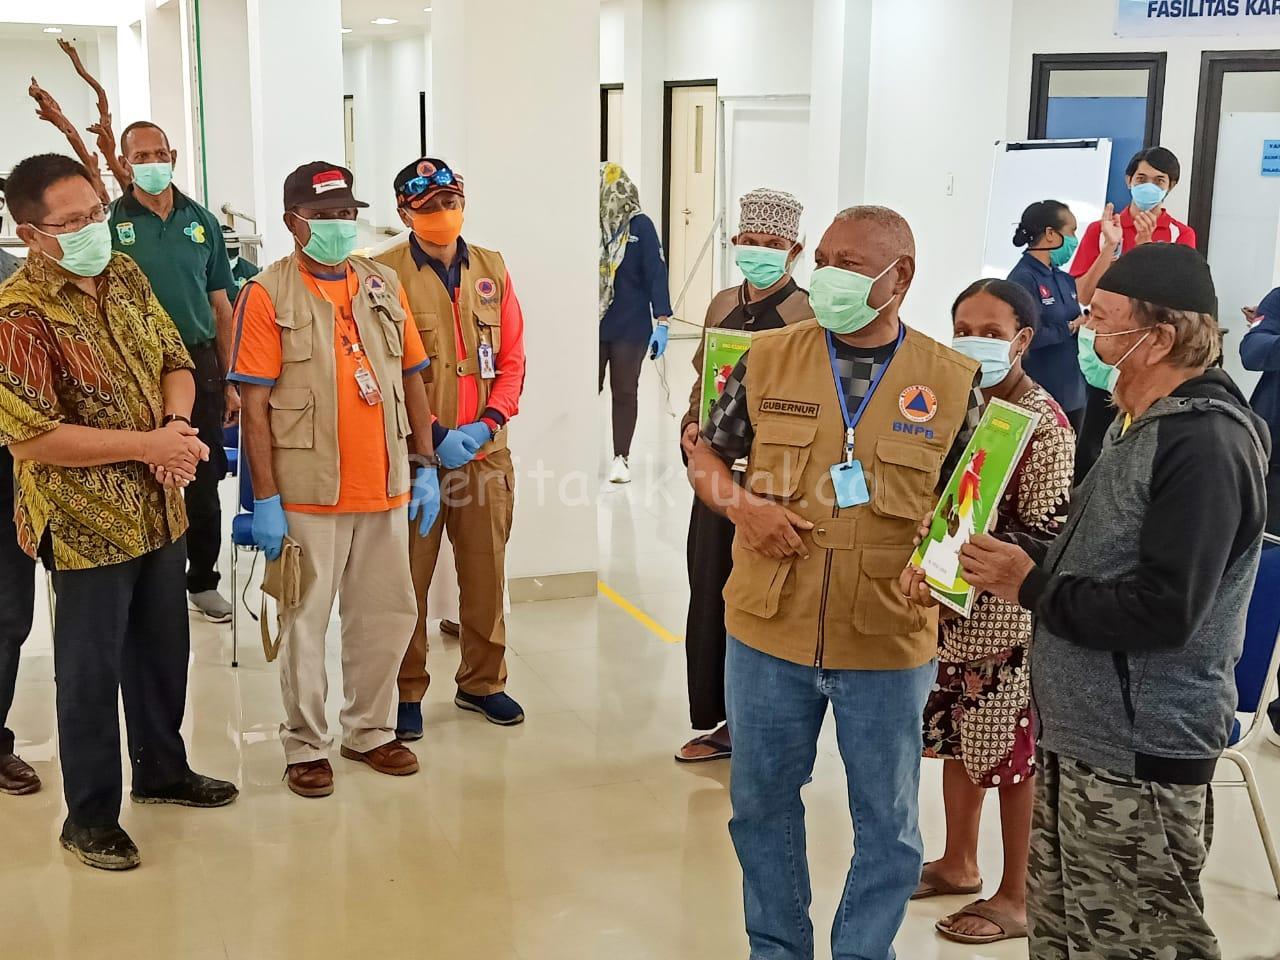 Tiga Pasien Manokwari Sembuh Corona, Gubernur PB: Warga Jangan Tolak Mereka 15 IMG 20200516 WA0035